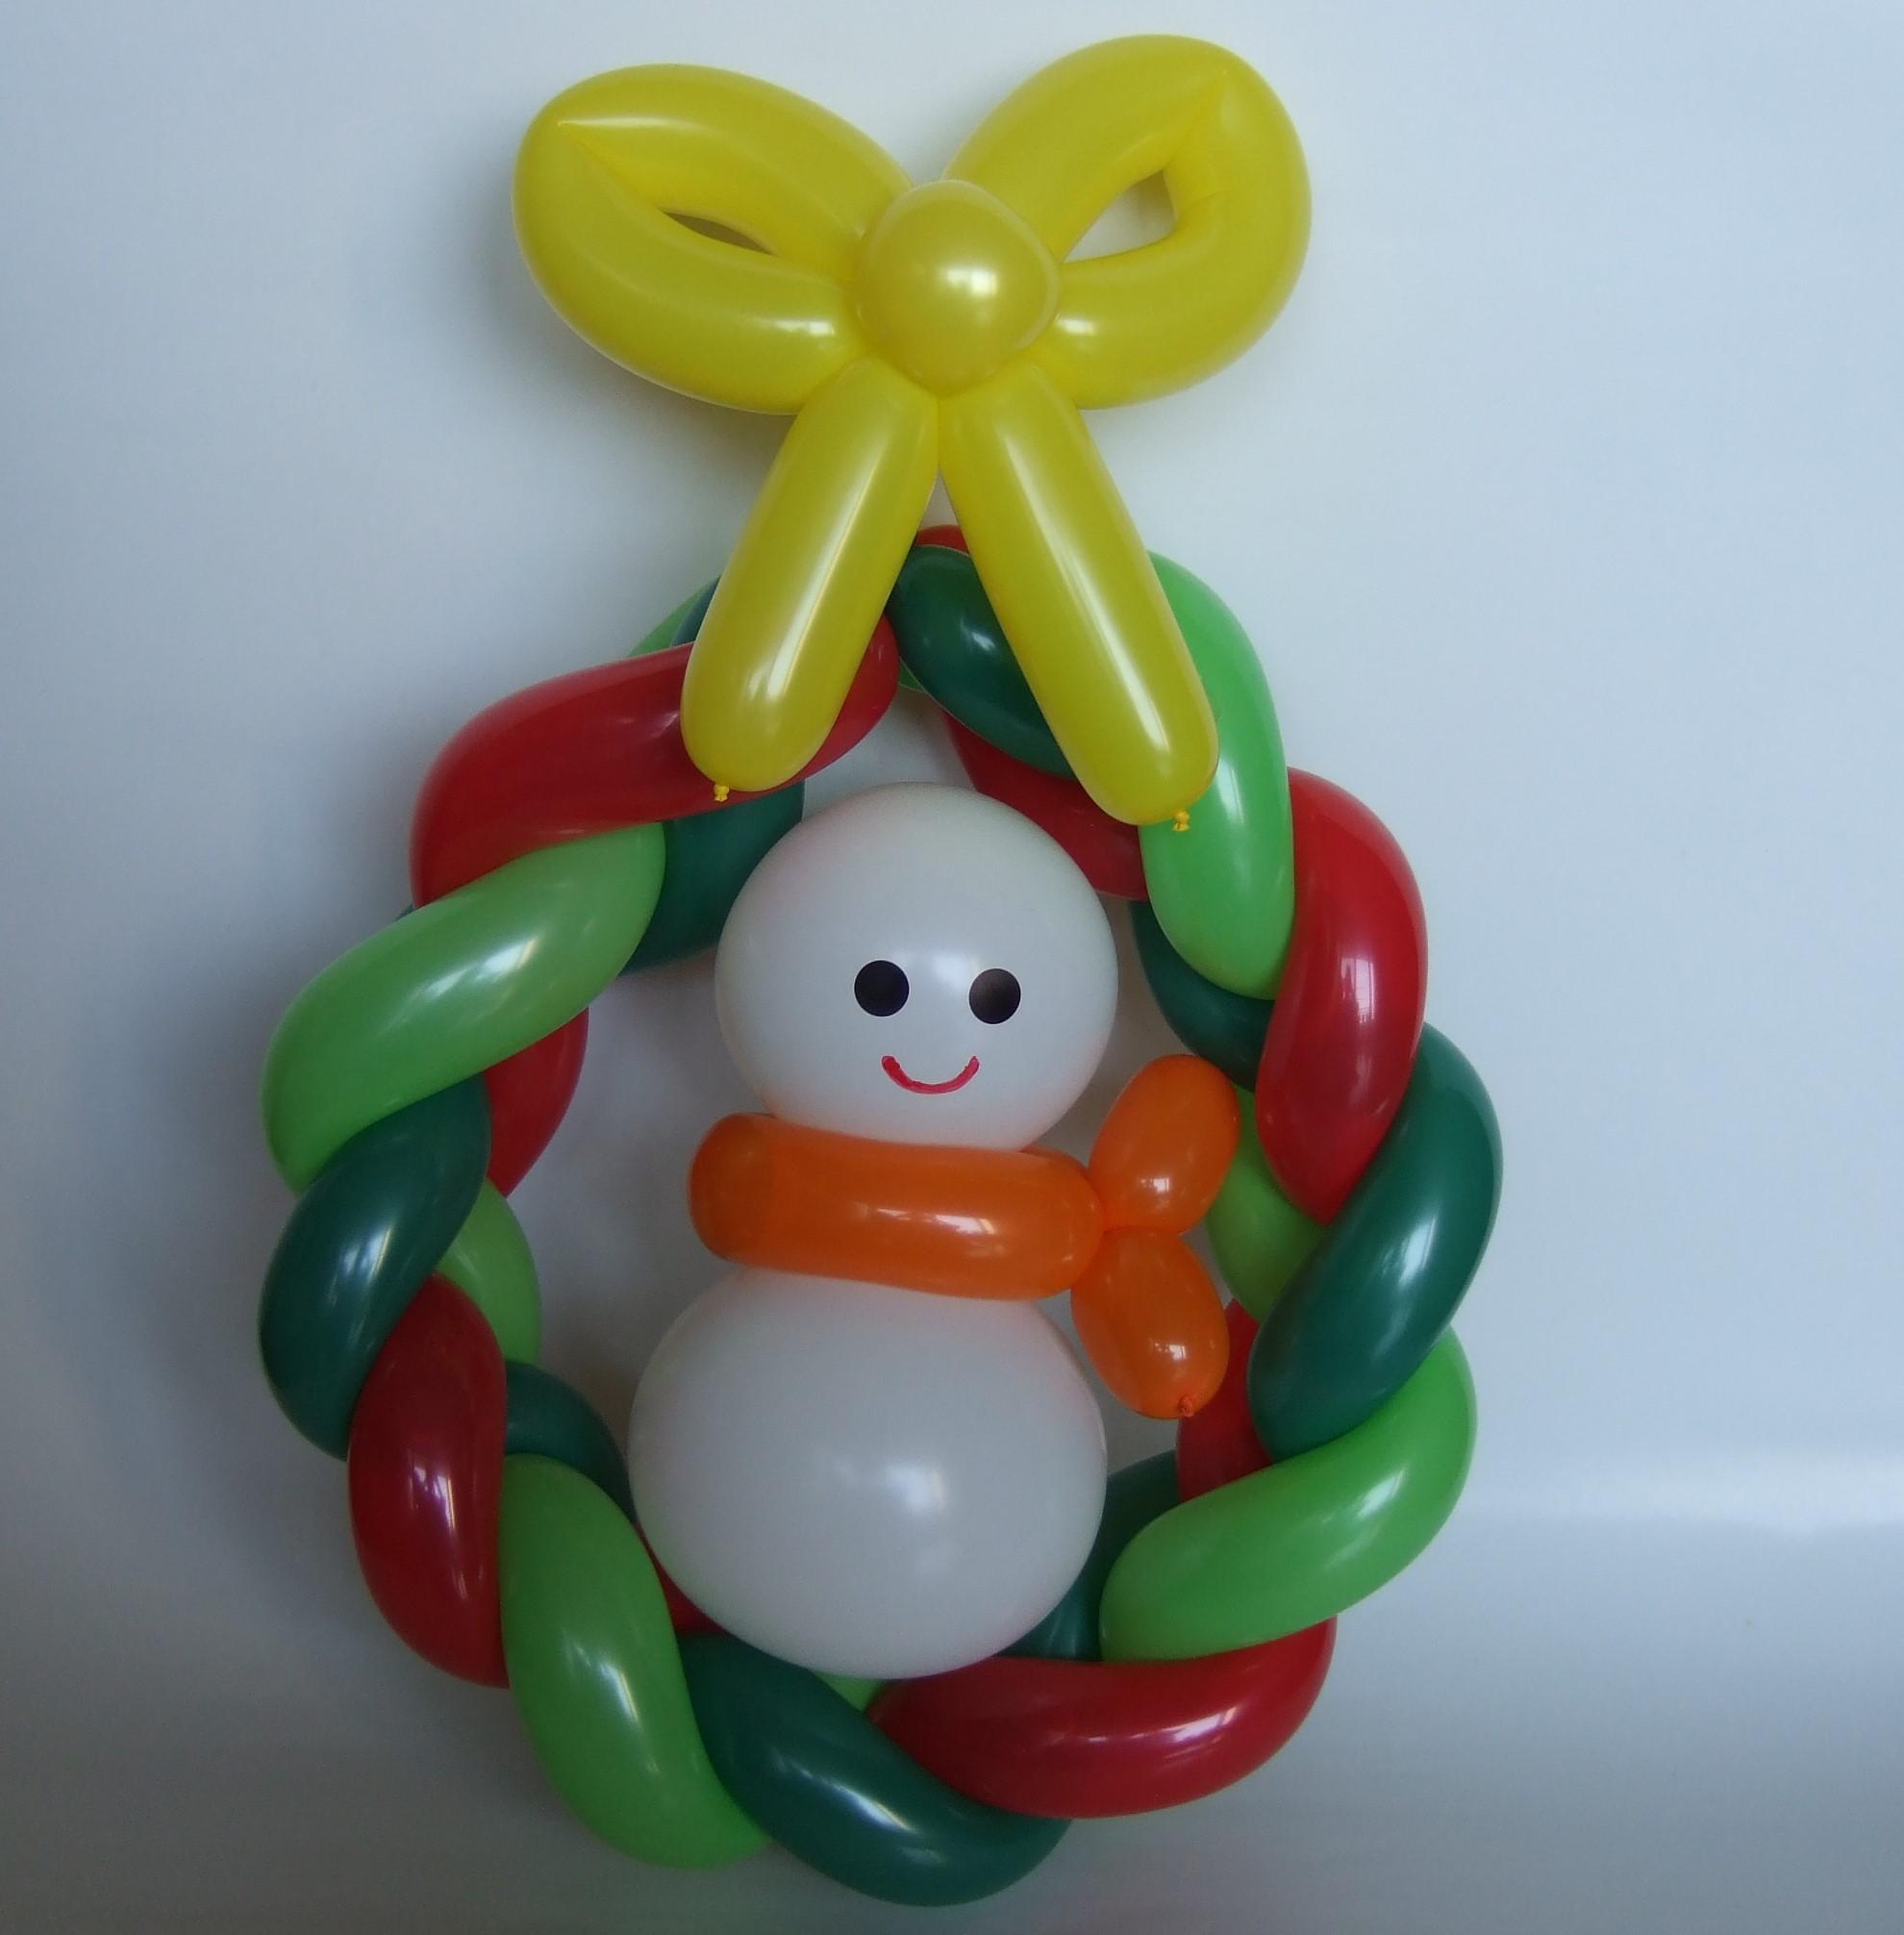 バルーンアート教室 東京 クリスマスリース&雪だるま 簡単作り方